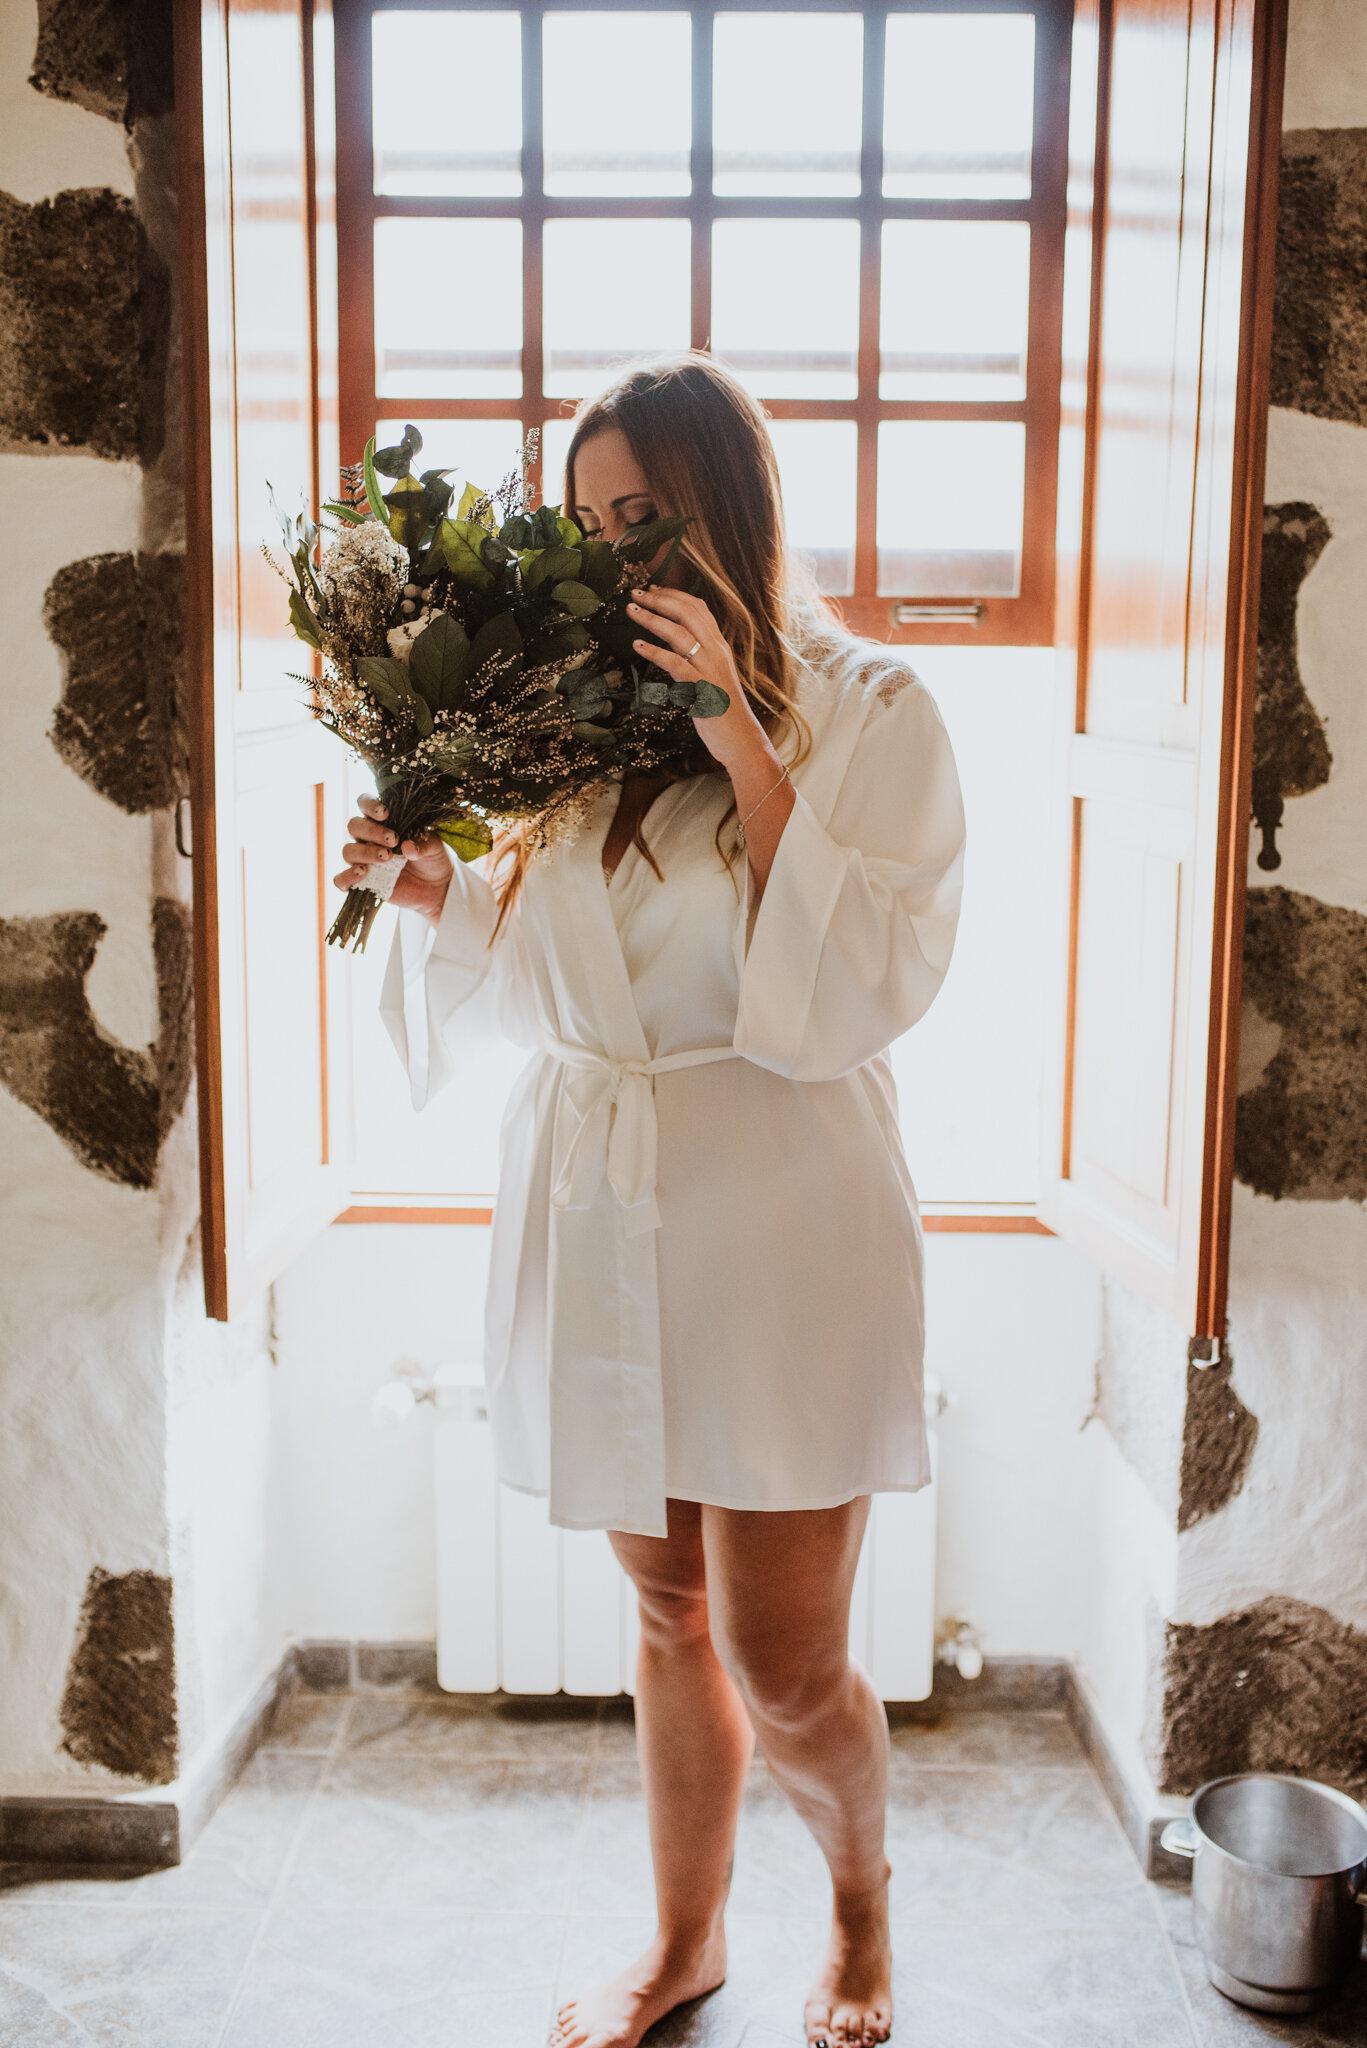 fotografo de bodas las palmas_-25.jpg